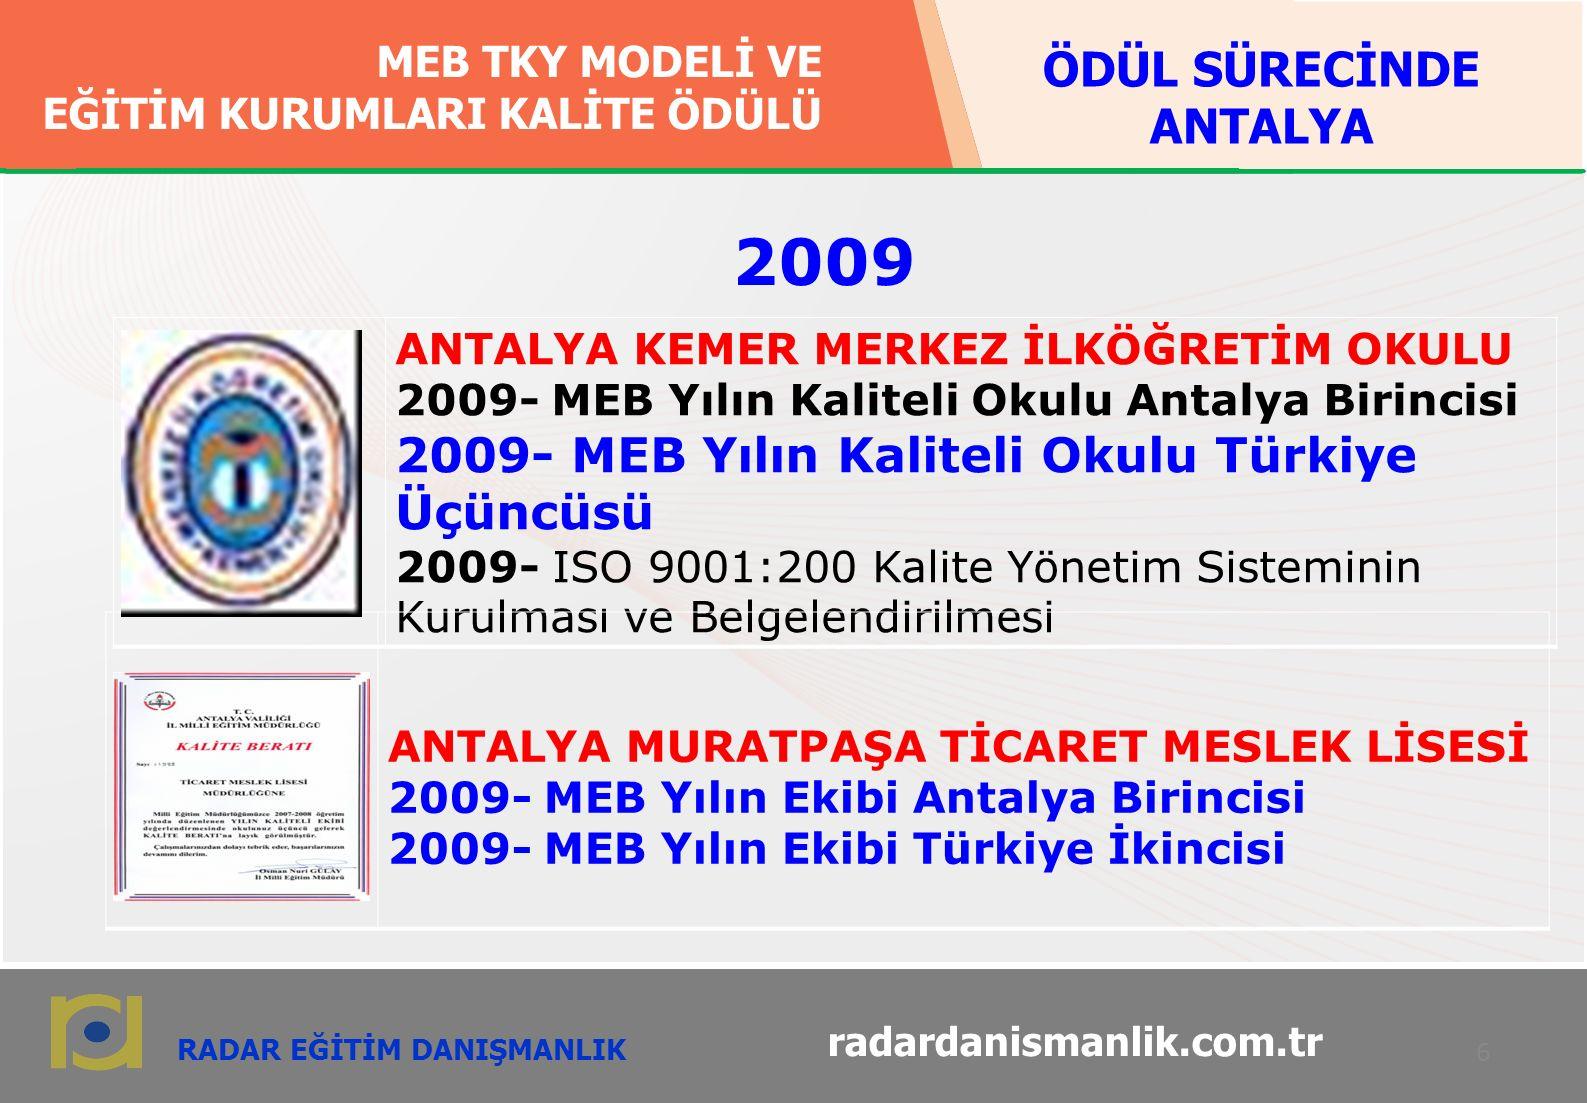 RADAR EĞİTİM DANIŞMANLIK MEB TKY MODELİ VE EĞİTİM KURUMLARI KALİTE ÖDÜLÜ MEB TKY MODELİ VE EĞİTİM KURUMLARI KALİTE ÖDÜLÜ 7 radardanismanlik.com.tr ANTALYA MEHMET AKİF ERSOY ANAOKULU 2008- ISO 9001:2008 Kalite Yönetim Sisteminin Kurulması ve Belgelendirilmesi 2010- MEB Yılın Kaliteli Okulu Antalya Birincisi 2010- MEB Yılın Kaliteli Okulu Türkiye Birincisi ANTALYA CENGİZ TOPEL ANAOKULU 2010- MEB Yılın Ekibi Antalya Birincisi 2010- MEB Yılın Ekibi Türkiye İkincisi 2010 ÖDÜL SÜRECİNDE ANTALYA